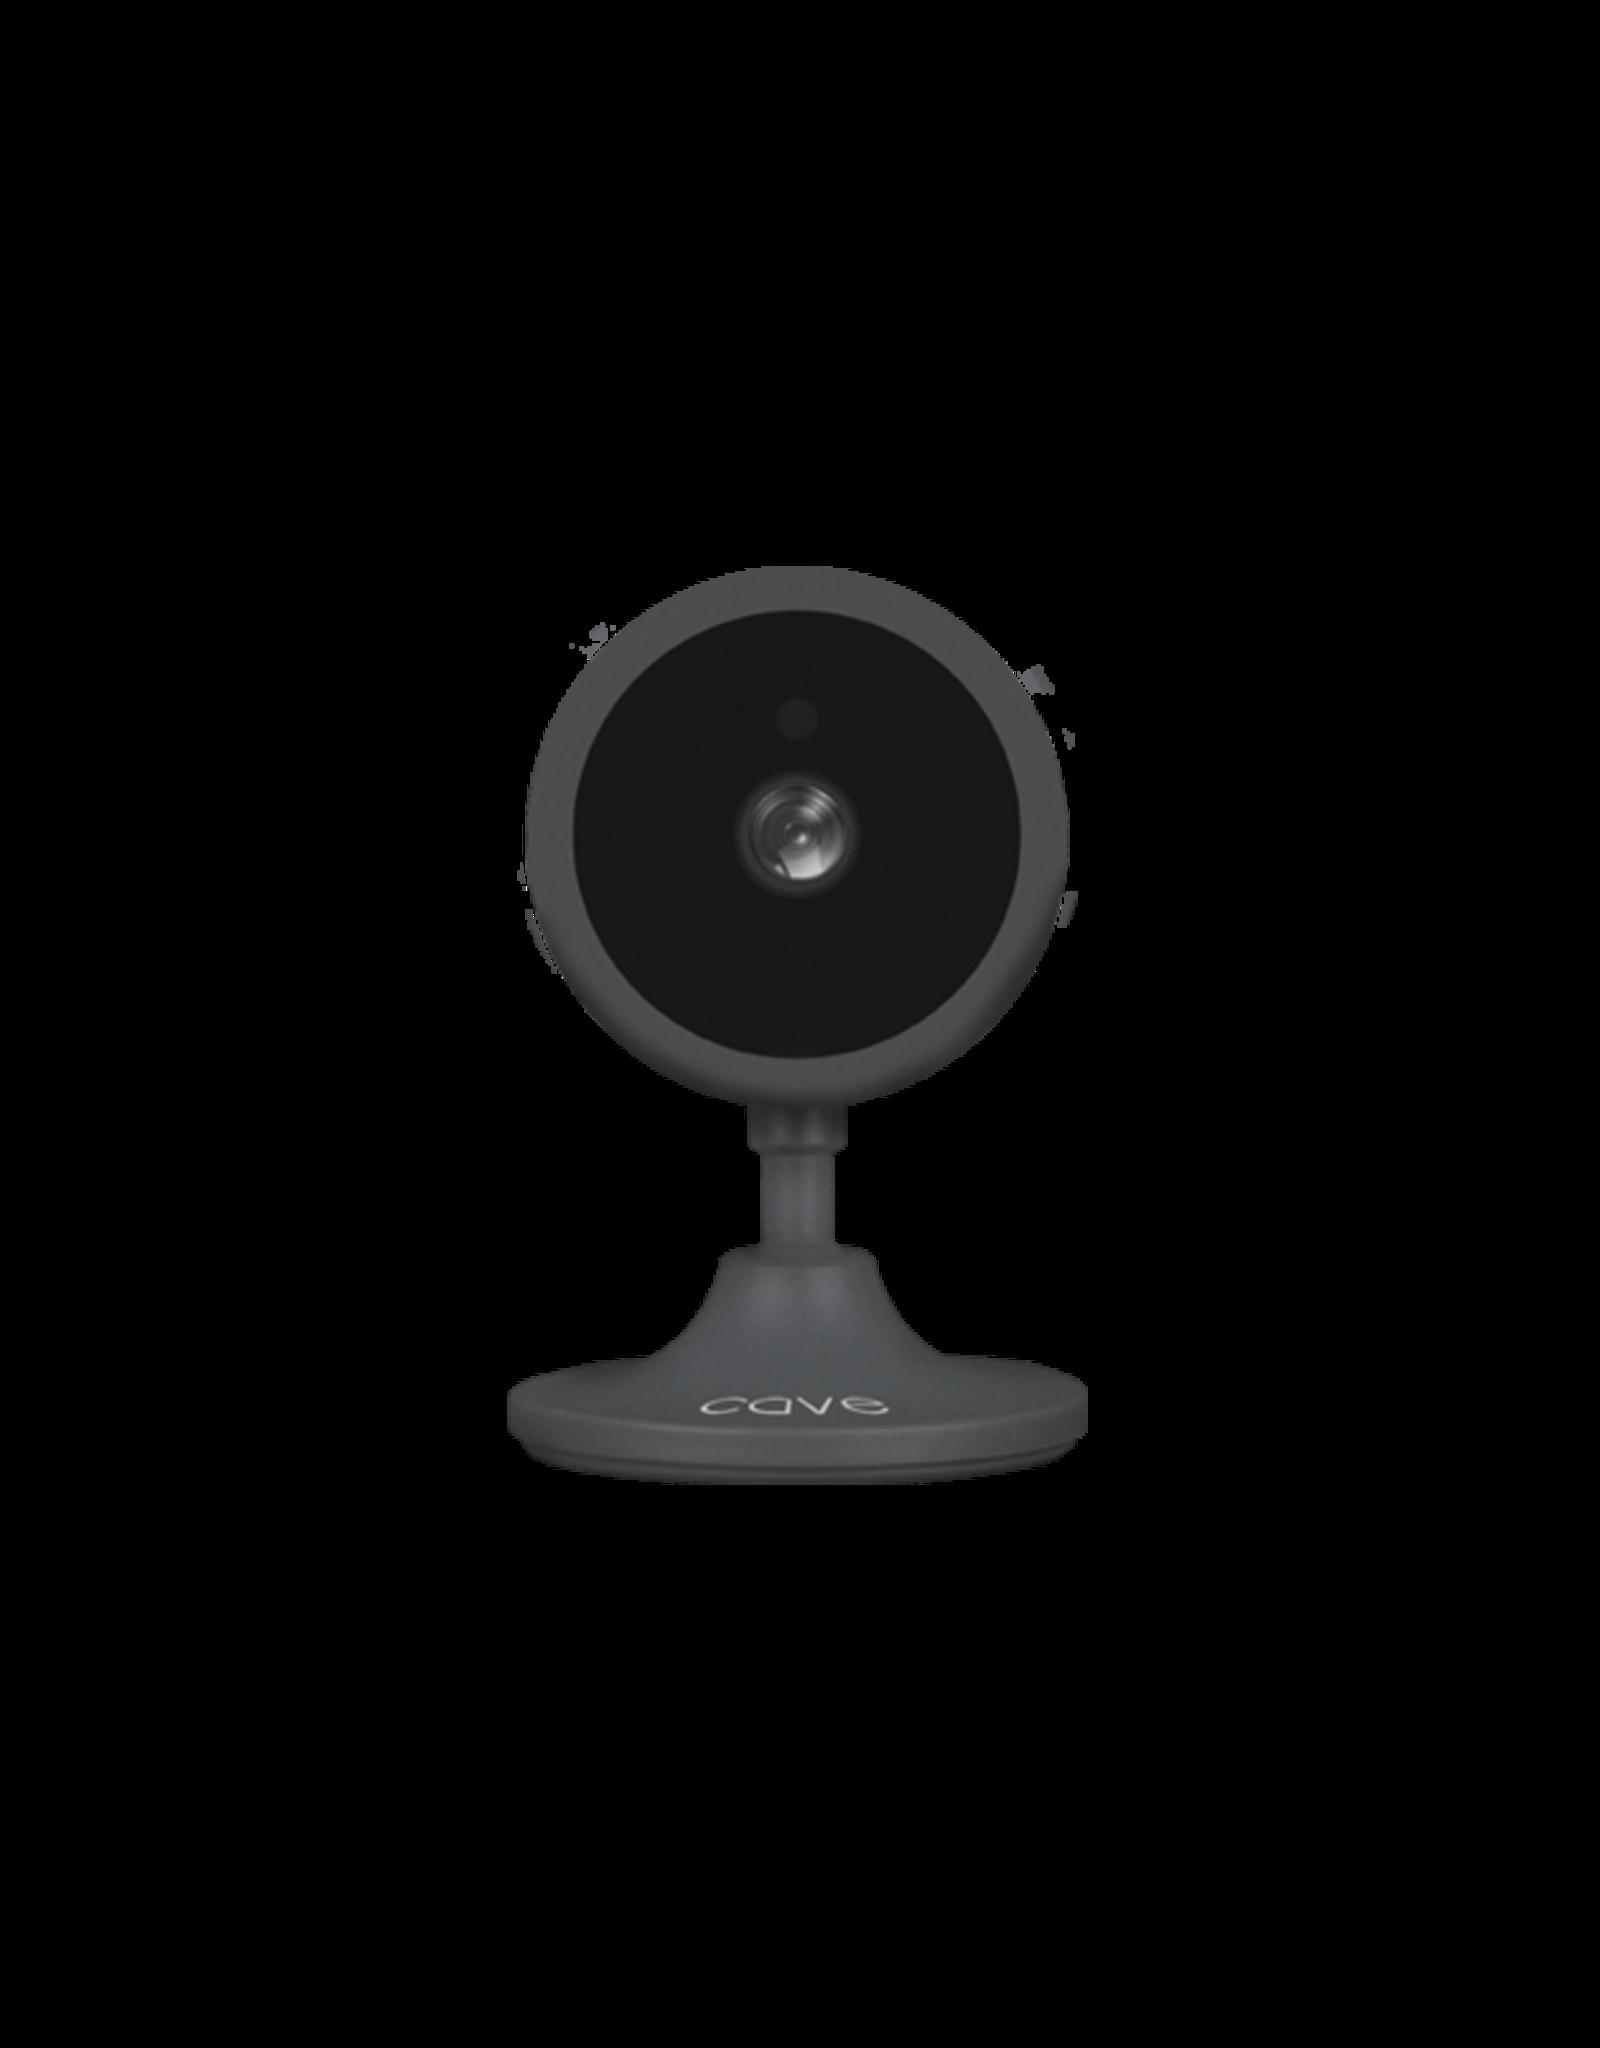 Veho Veho Cave IP Camera with auto detection - Full HD 1080p